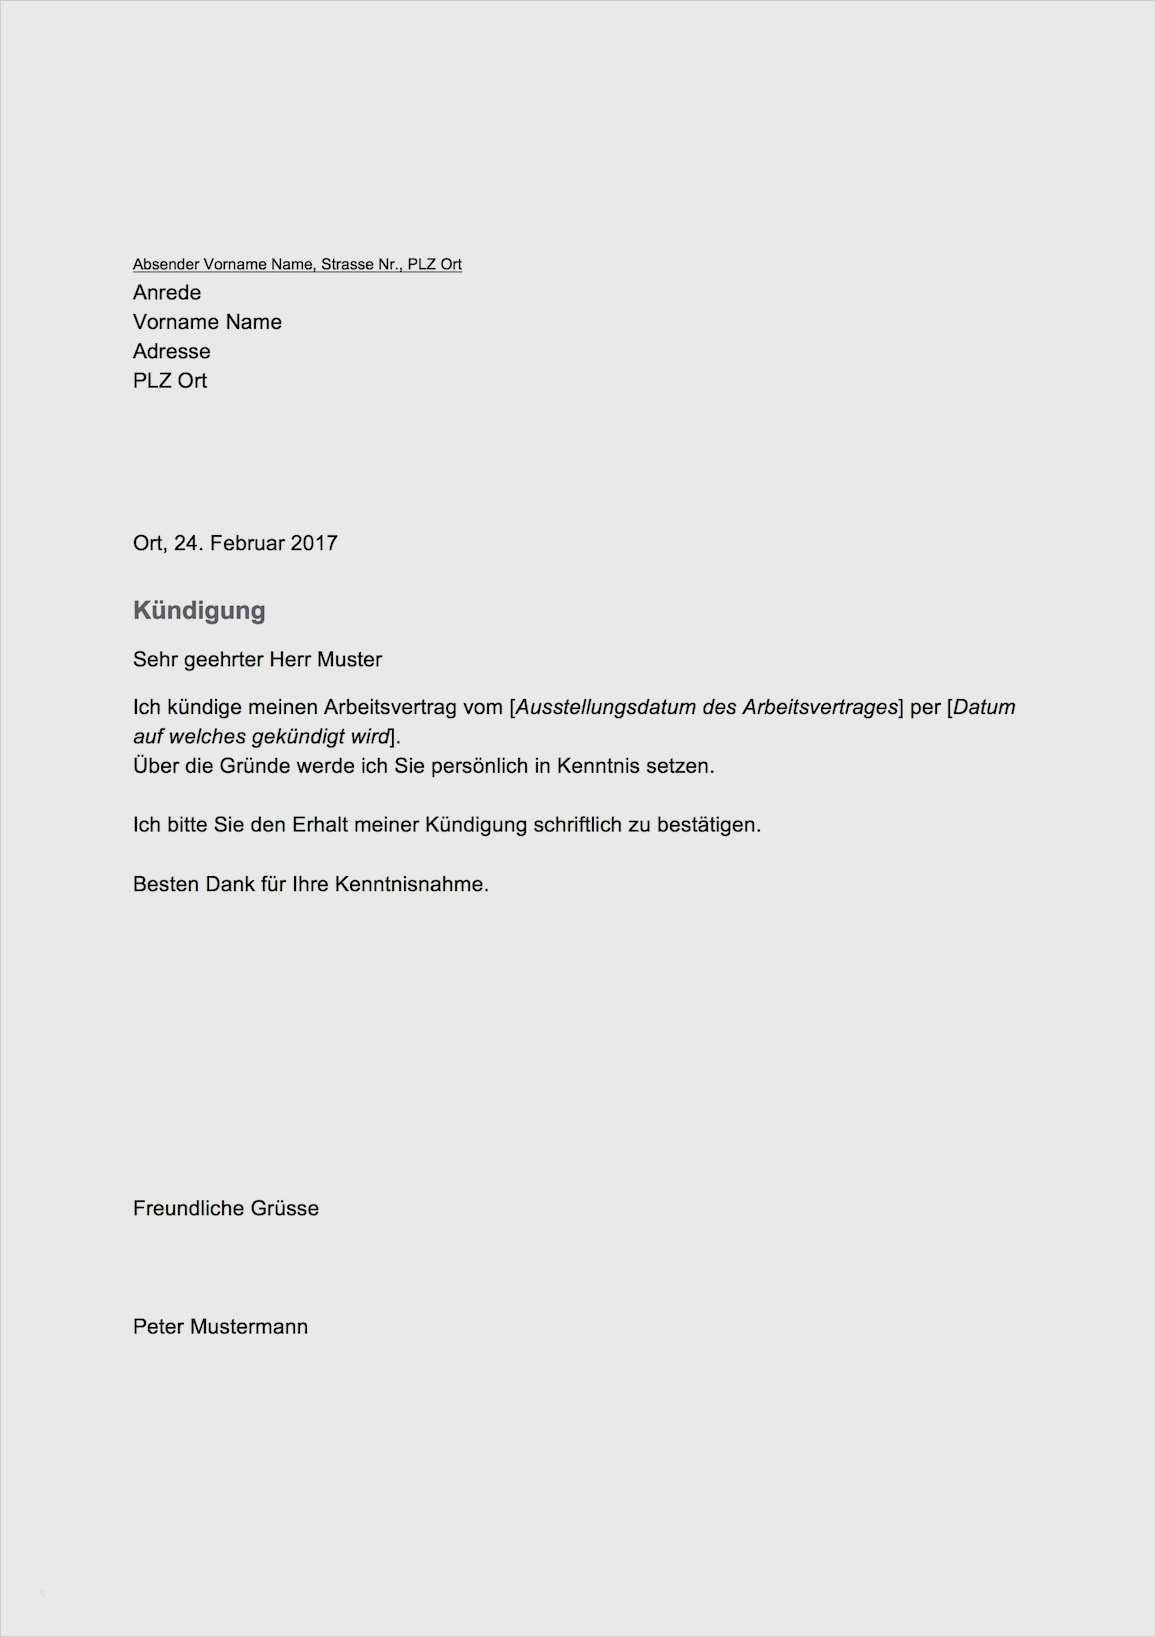 Interessant Kundigung Vorlage Arbeitsvertrag 9